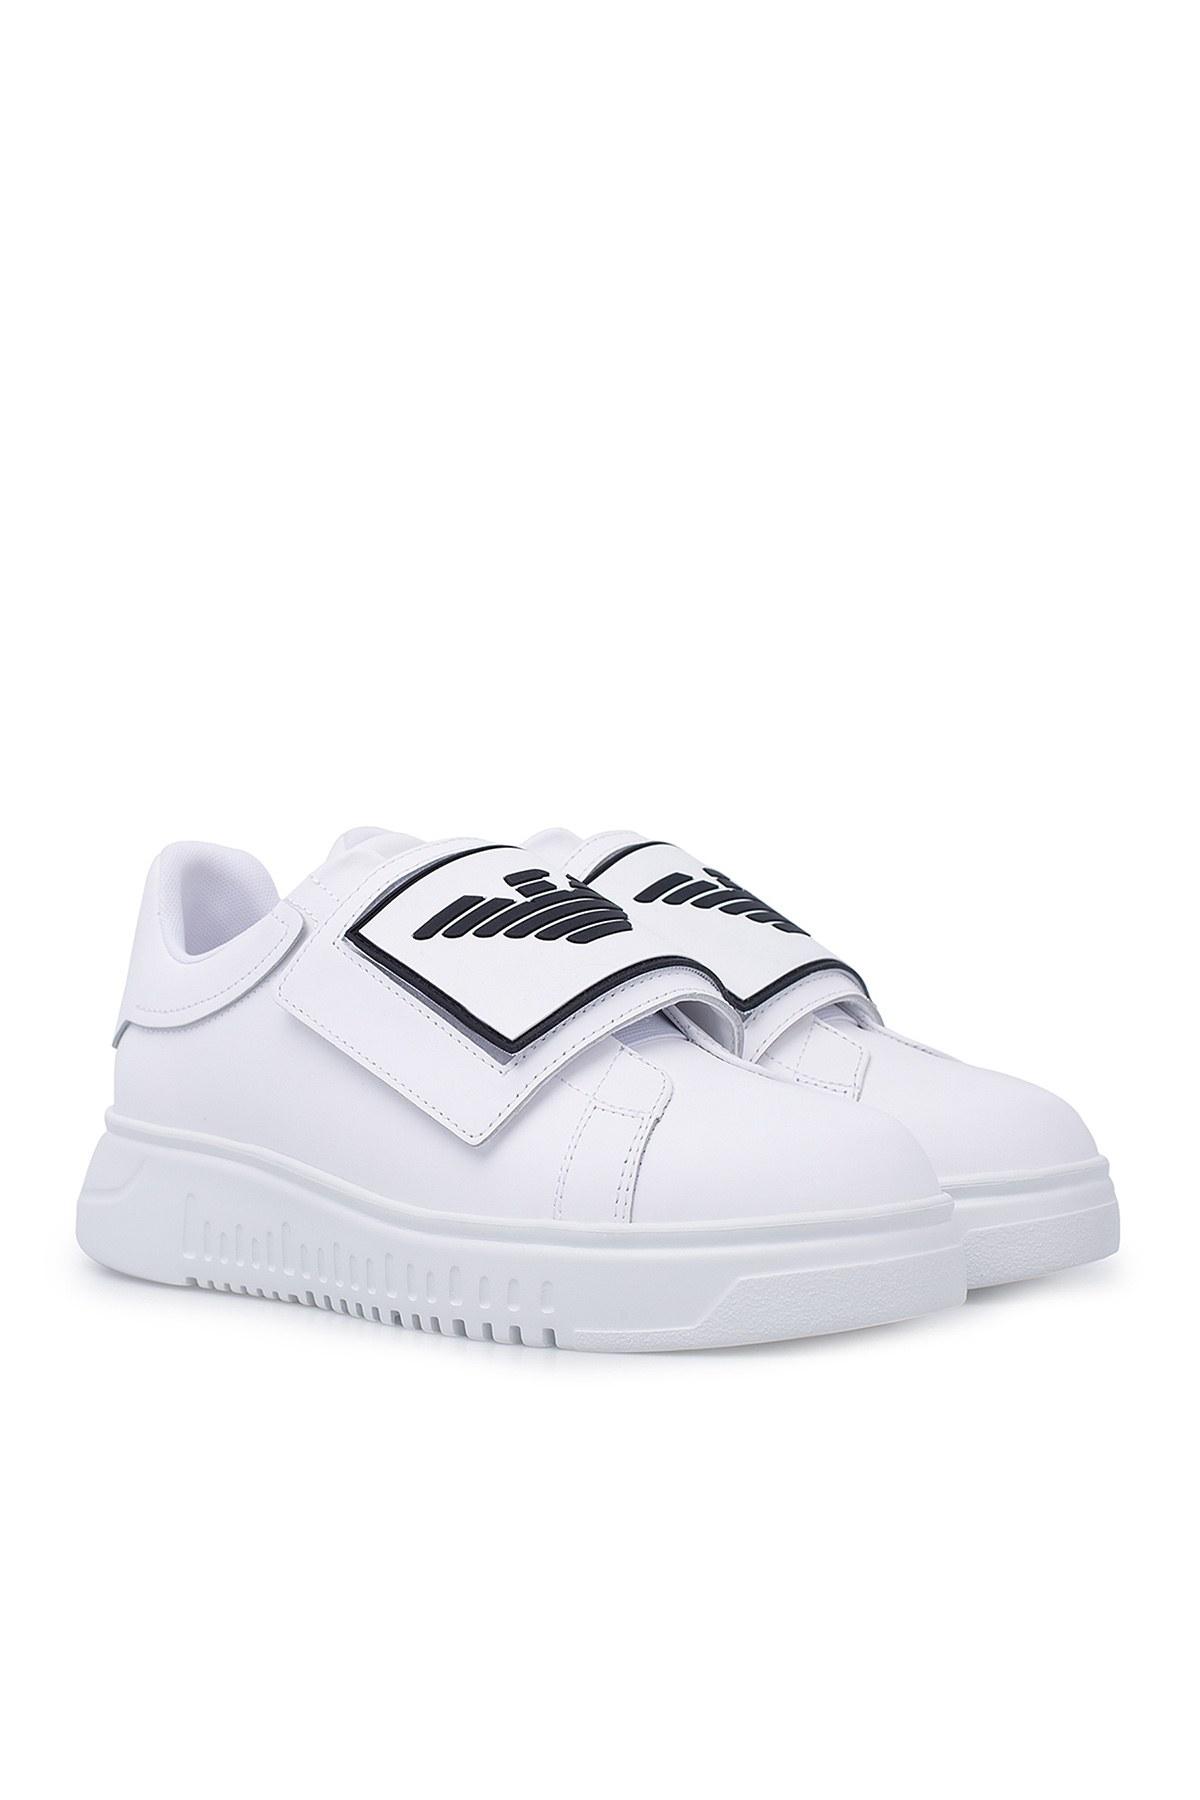 Emporio Armani Erkek Ayakkabı X4X300 XM320 D234 BEYAZ